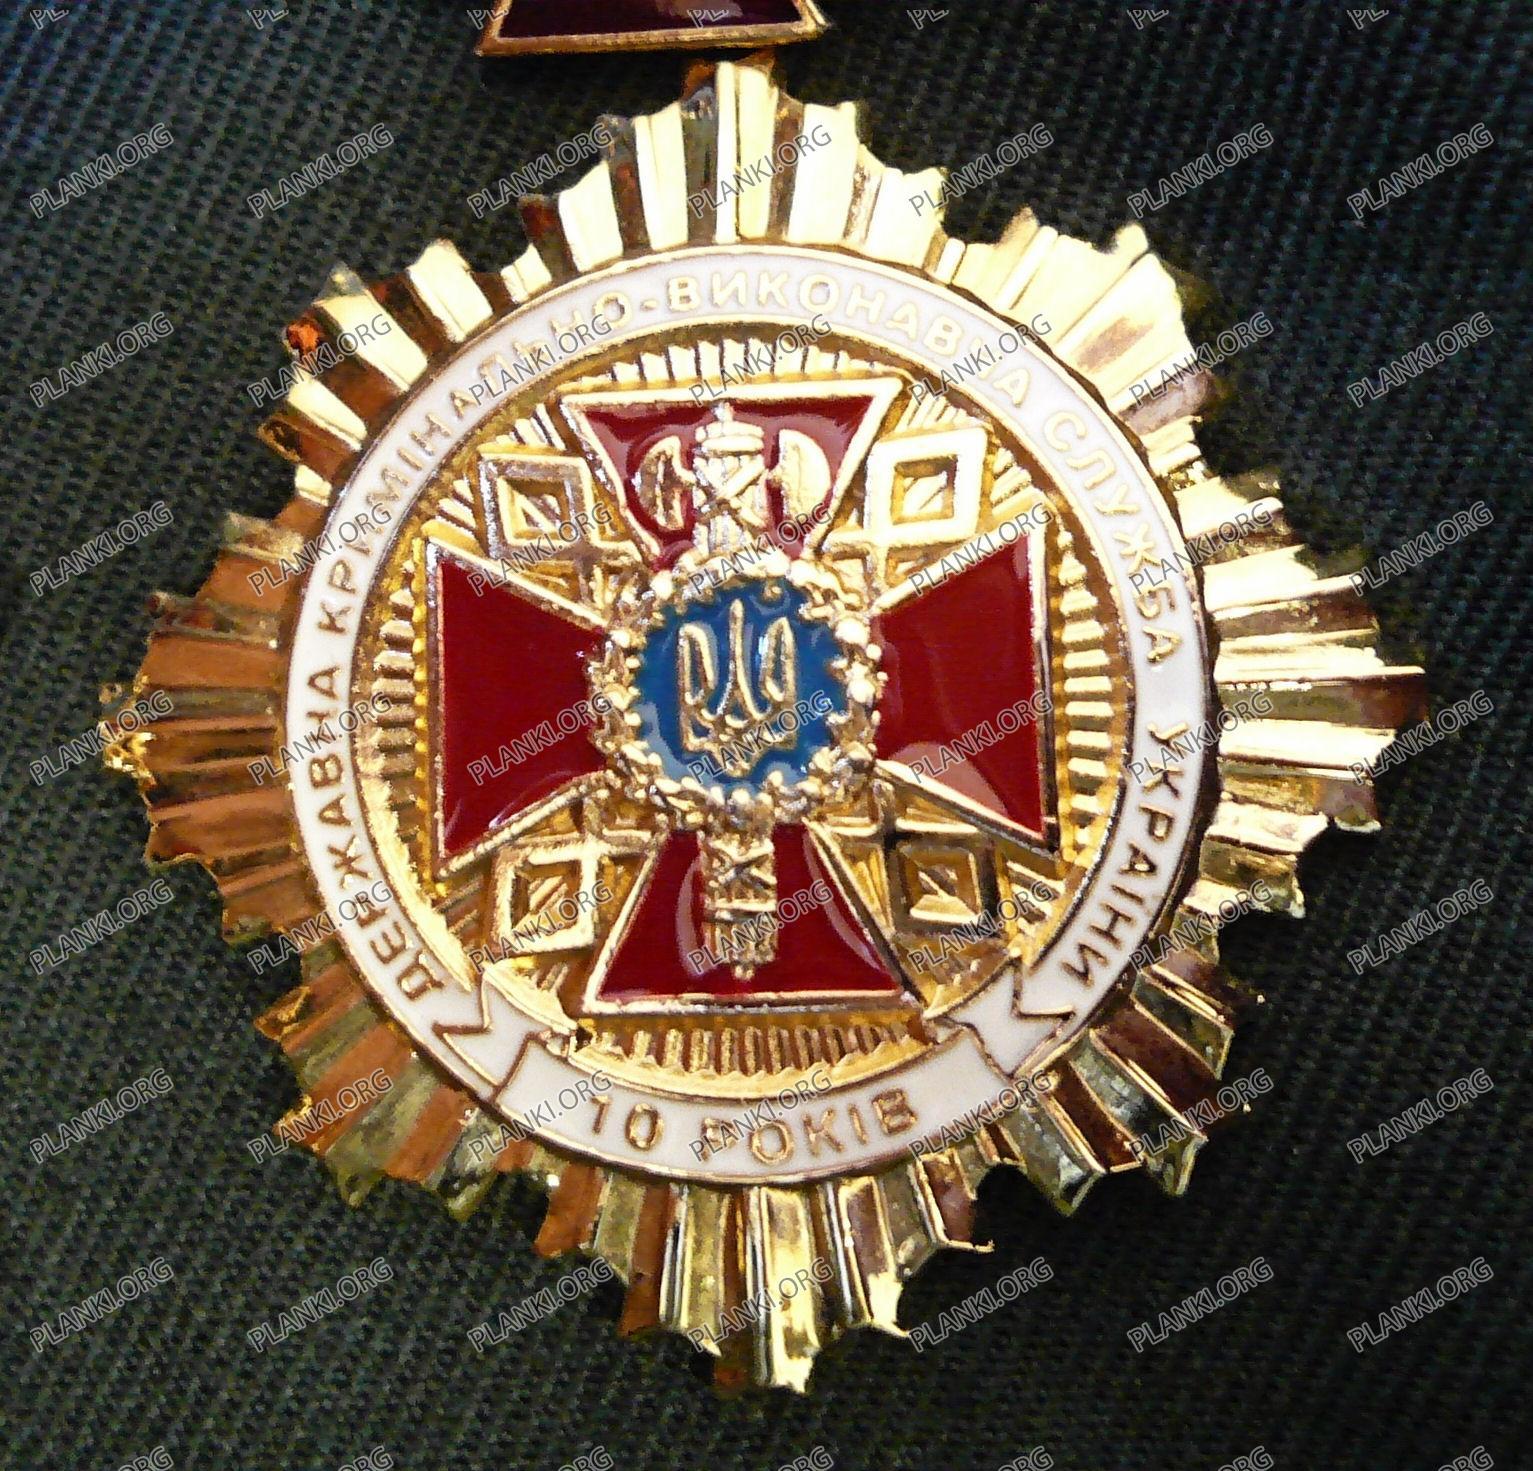 10 років Державній кримінально-виконавчій службі України